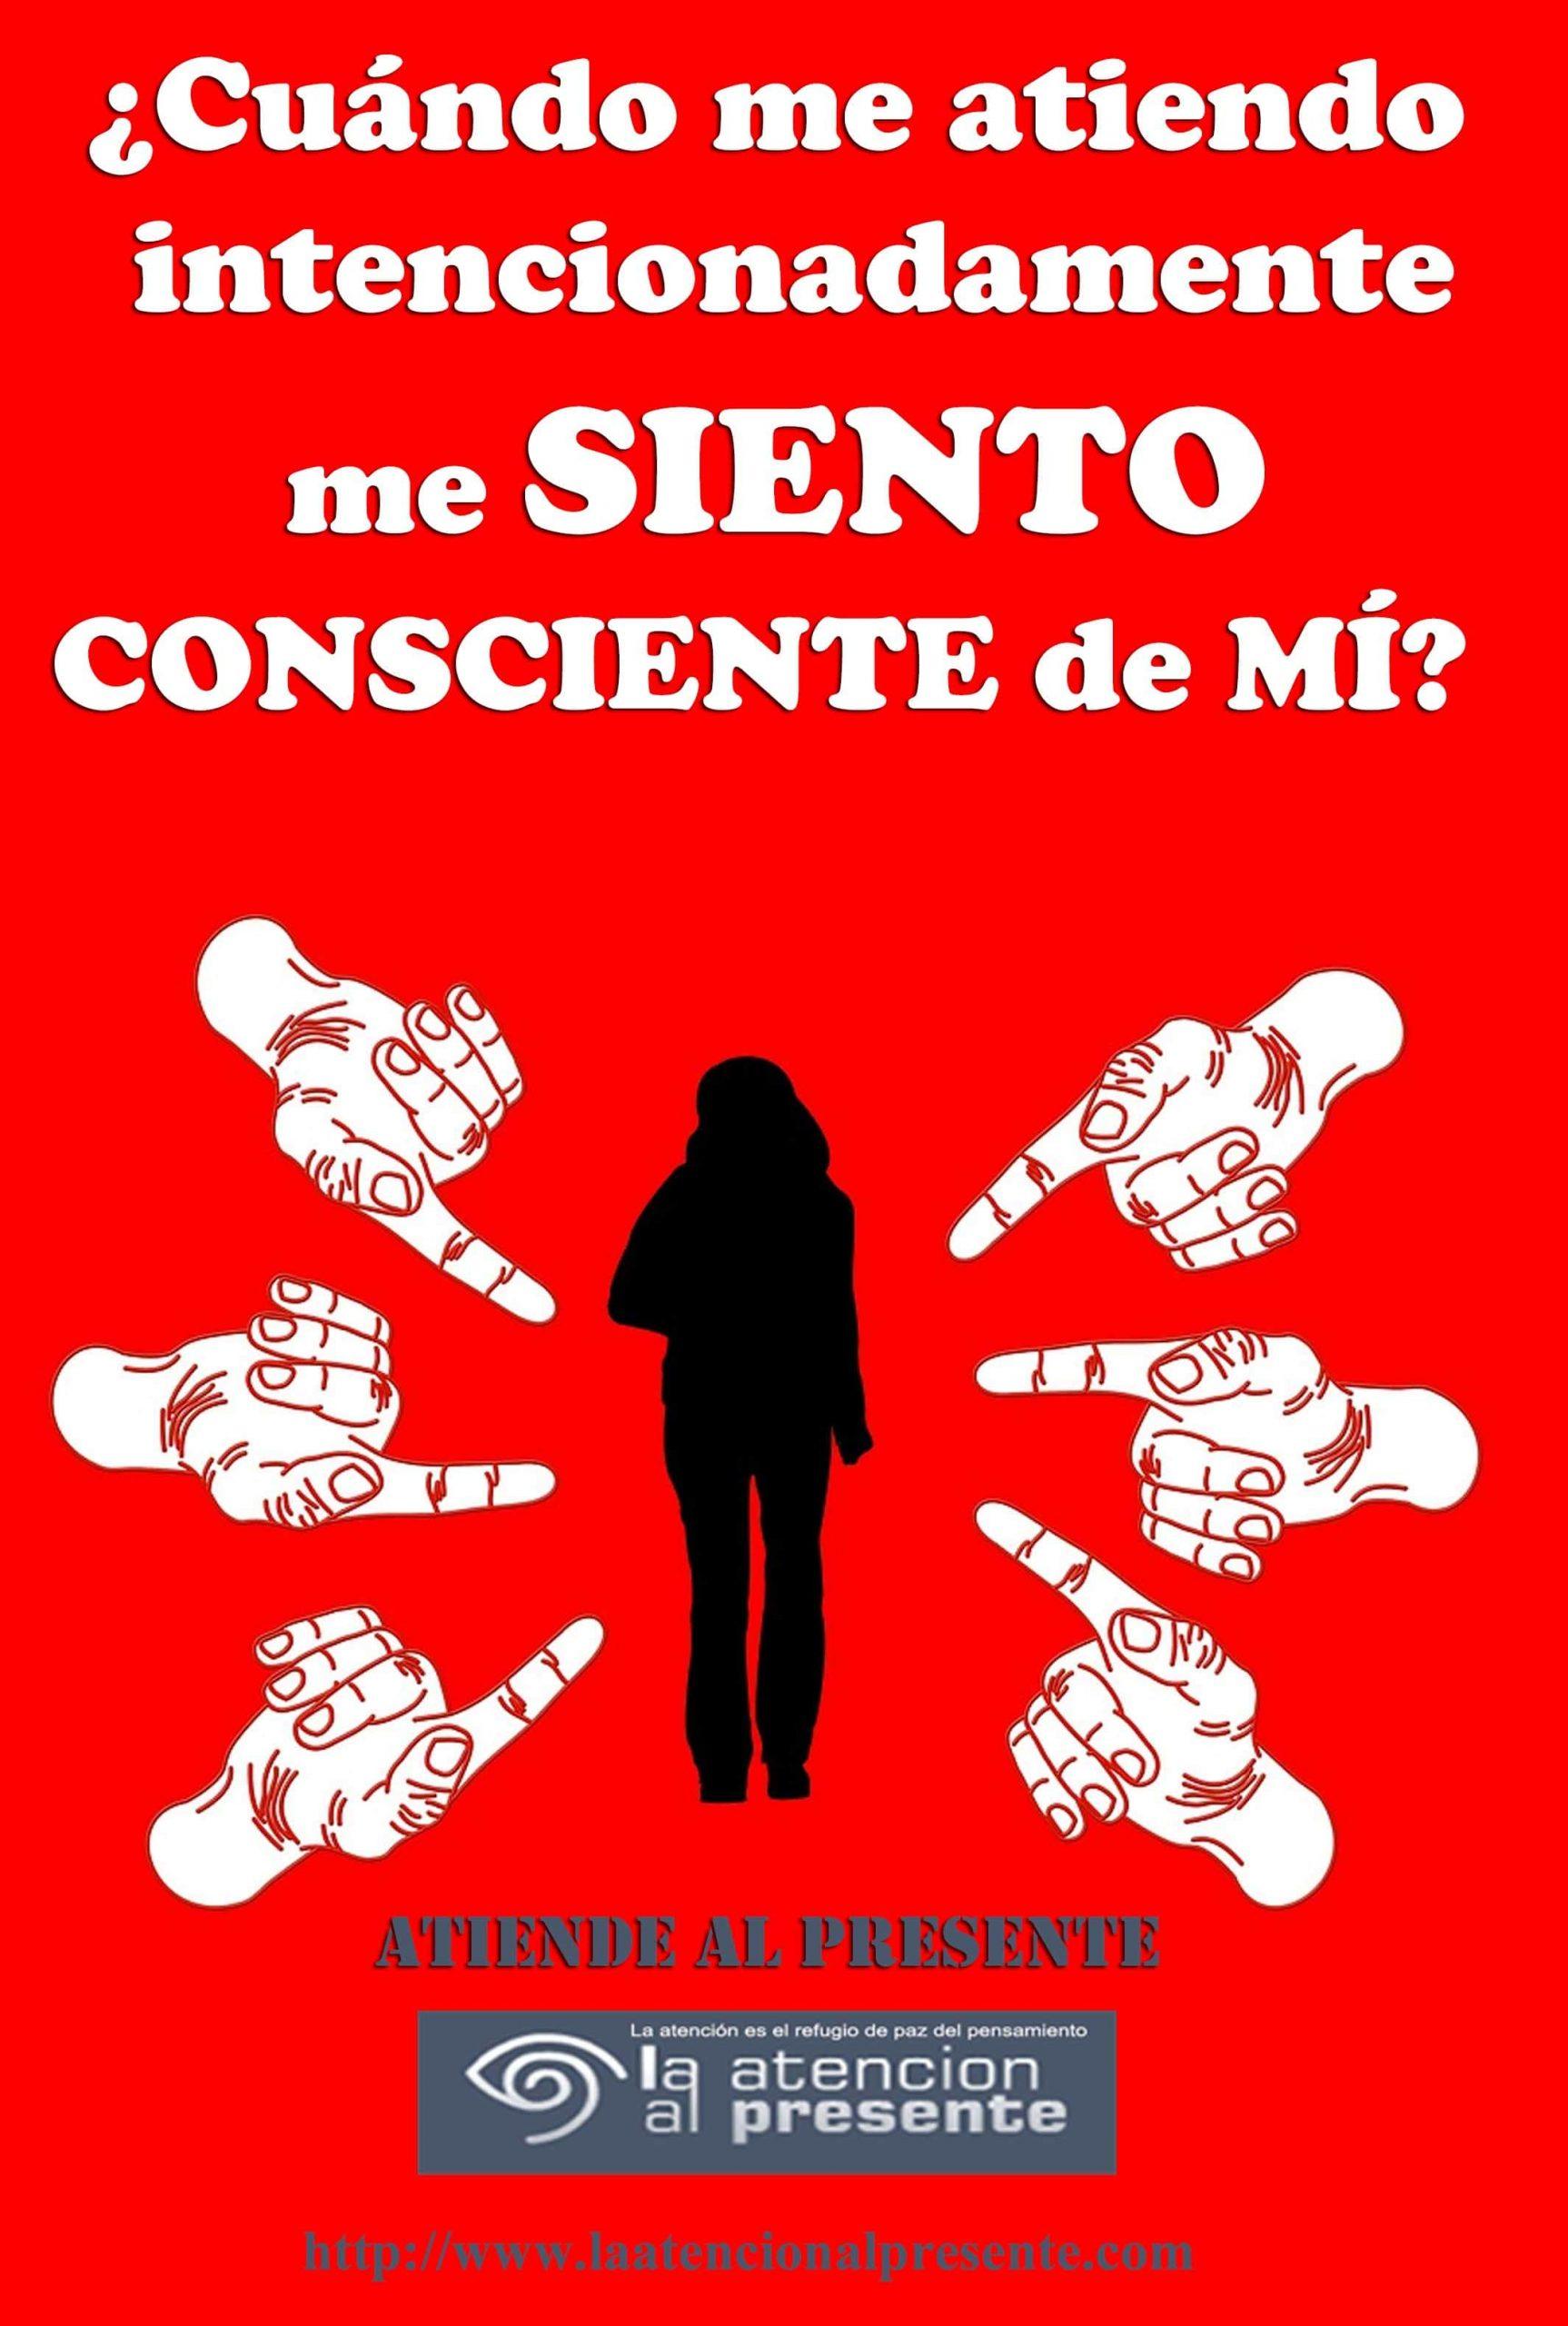 27 de agosto Esteban Cuando me atiendo intencionadamente me SIENTO CONSCIENTE de MI min scaled